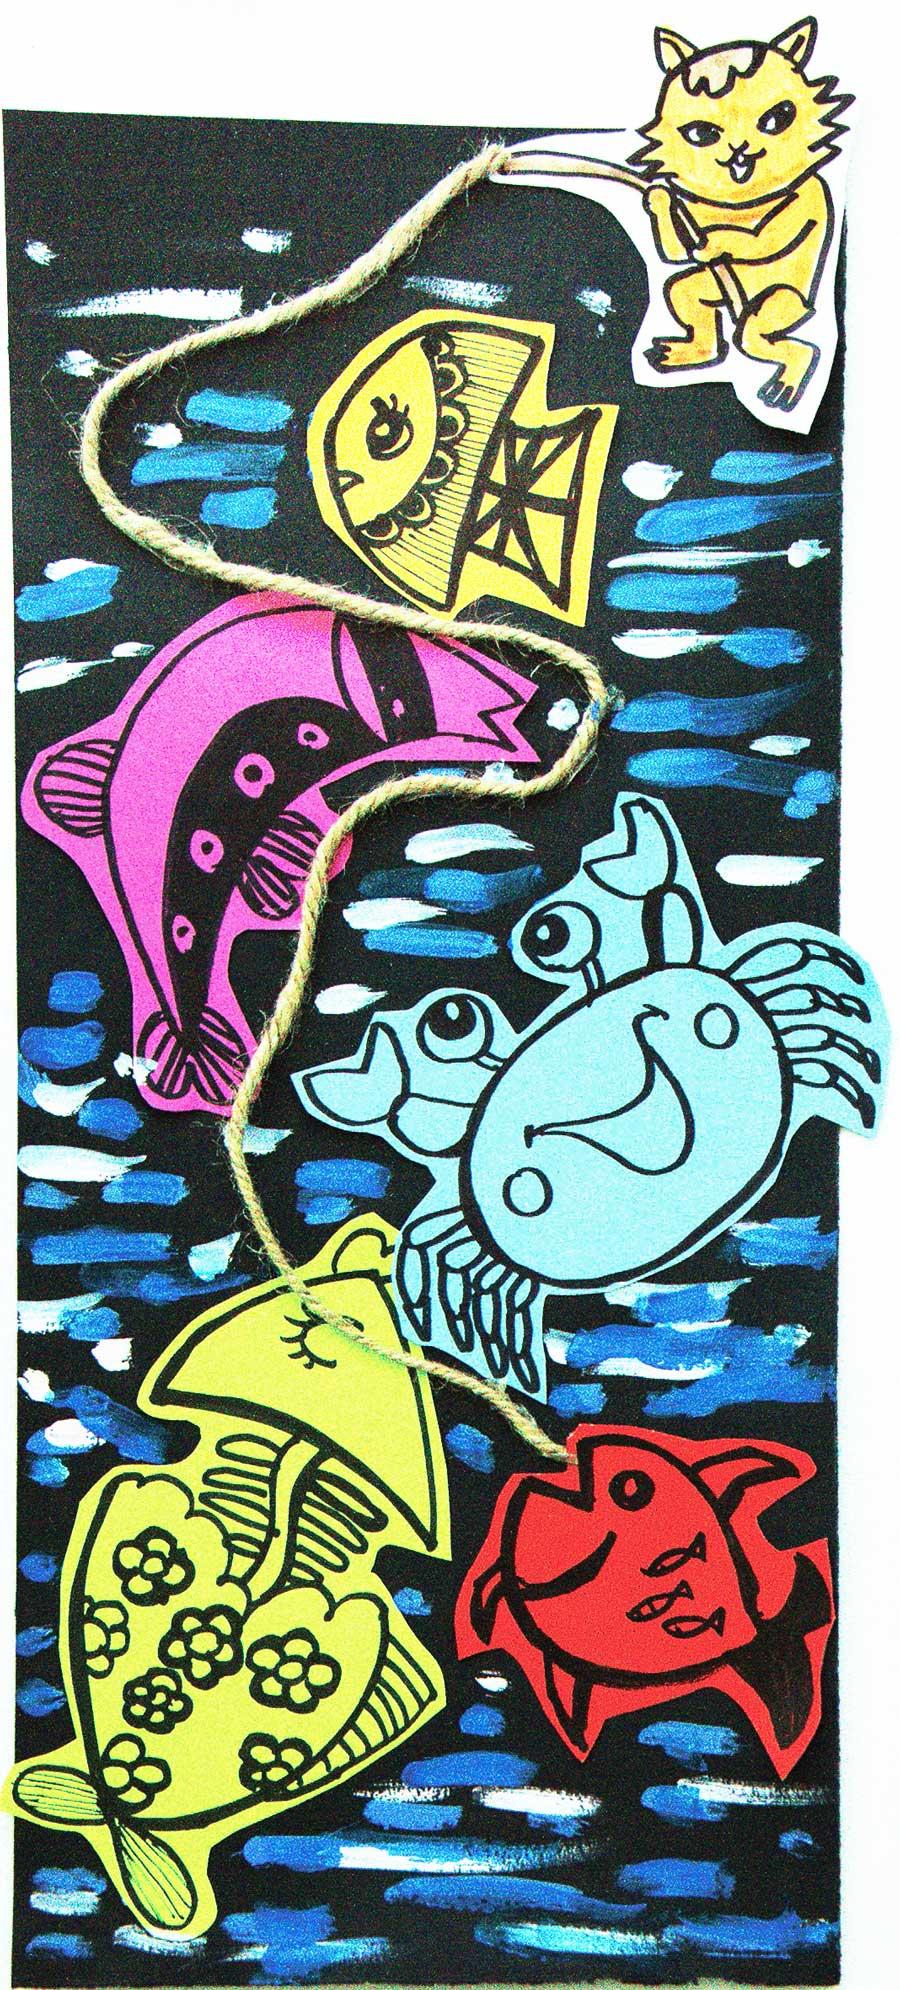 美术作品小猫钓鱼_希望美术教育儿童基础线描作品:小猫钓鱼